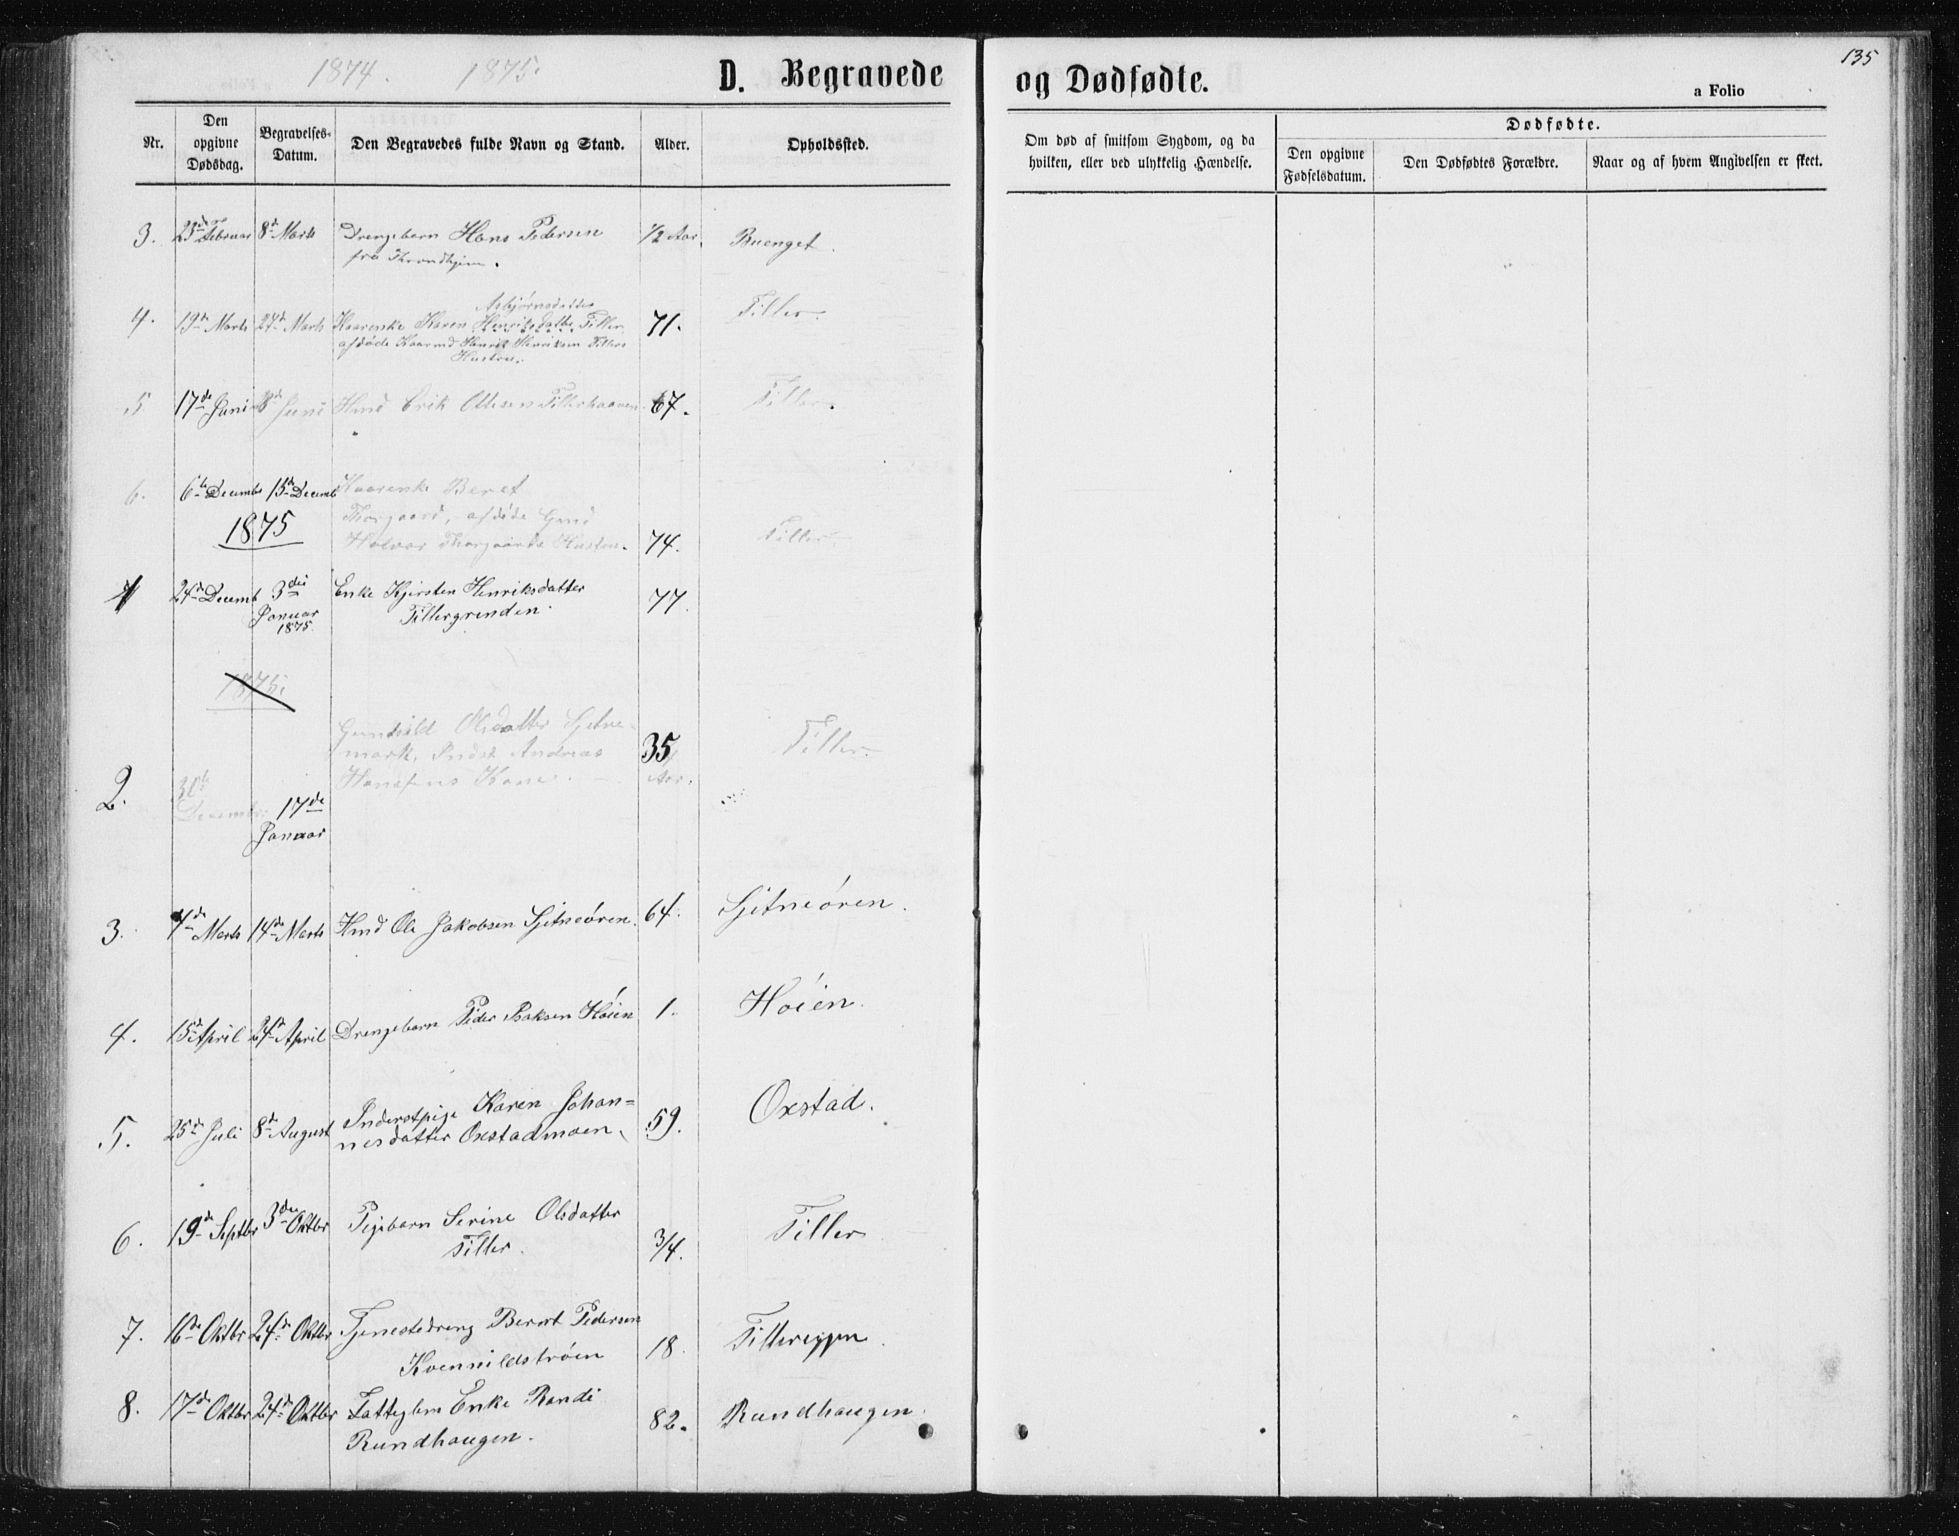 SAT, Ministerialprotokoller, klokkerbøker og fødselsregistre - Sør-Trøndelag, 621/L0459: Klokkerbok nr. 621C02, 1866-1895, s. 135